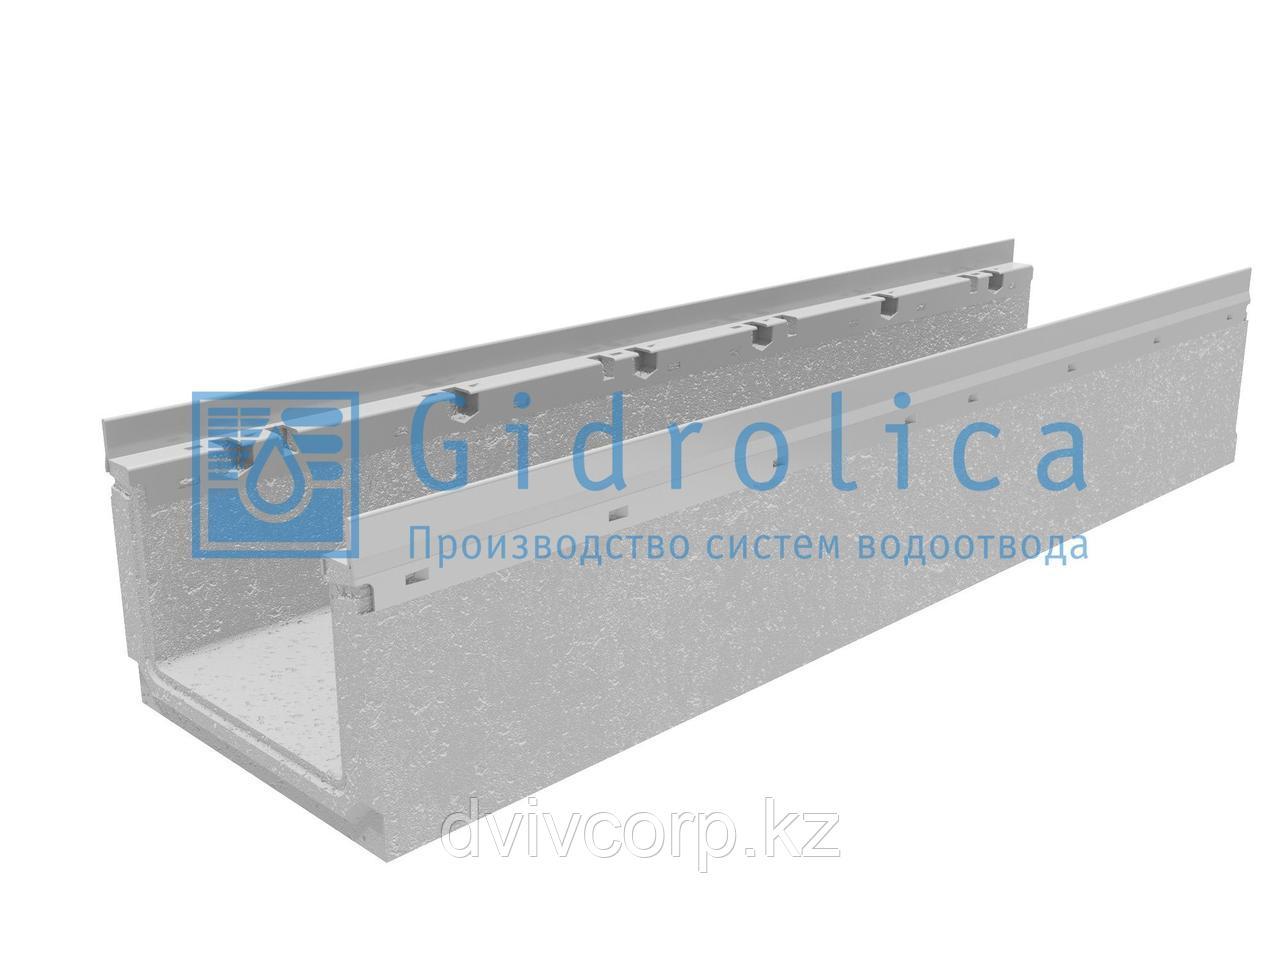 Лоток водоотводный бетонный коробчатый (СО-200мм), с оцинкованной насадкой, КП 100.26,3 (20).19(15,5) - BGF-Z